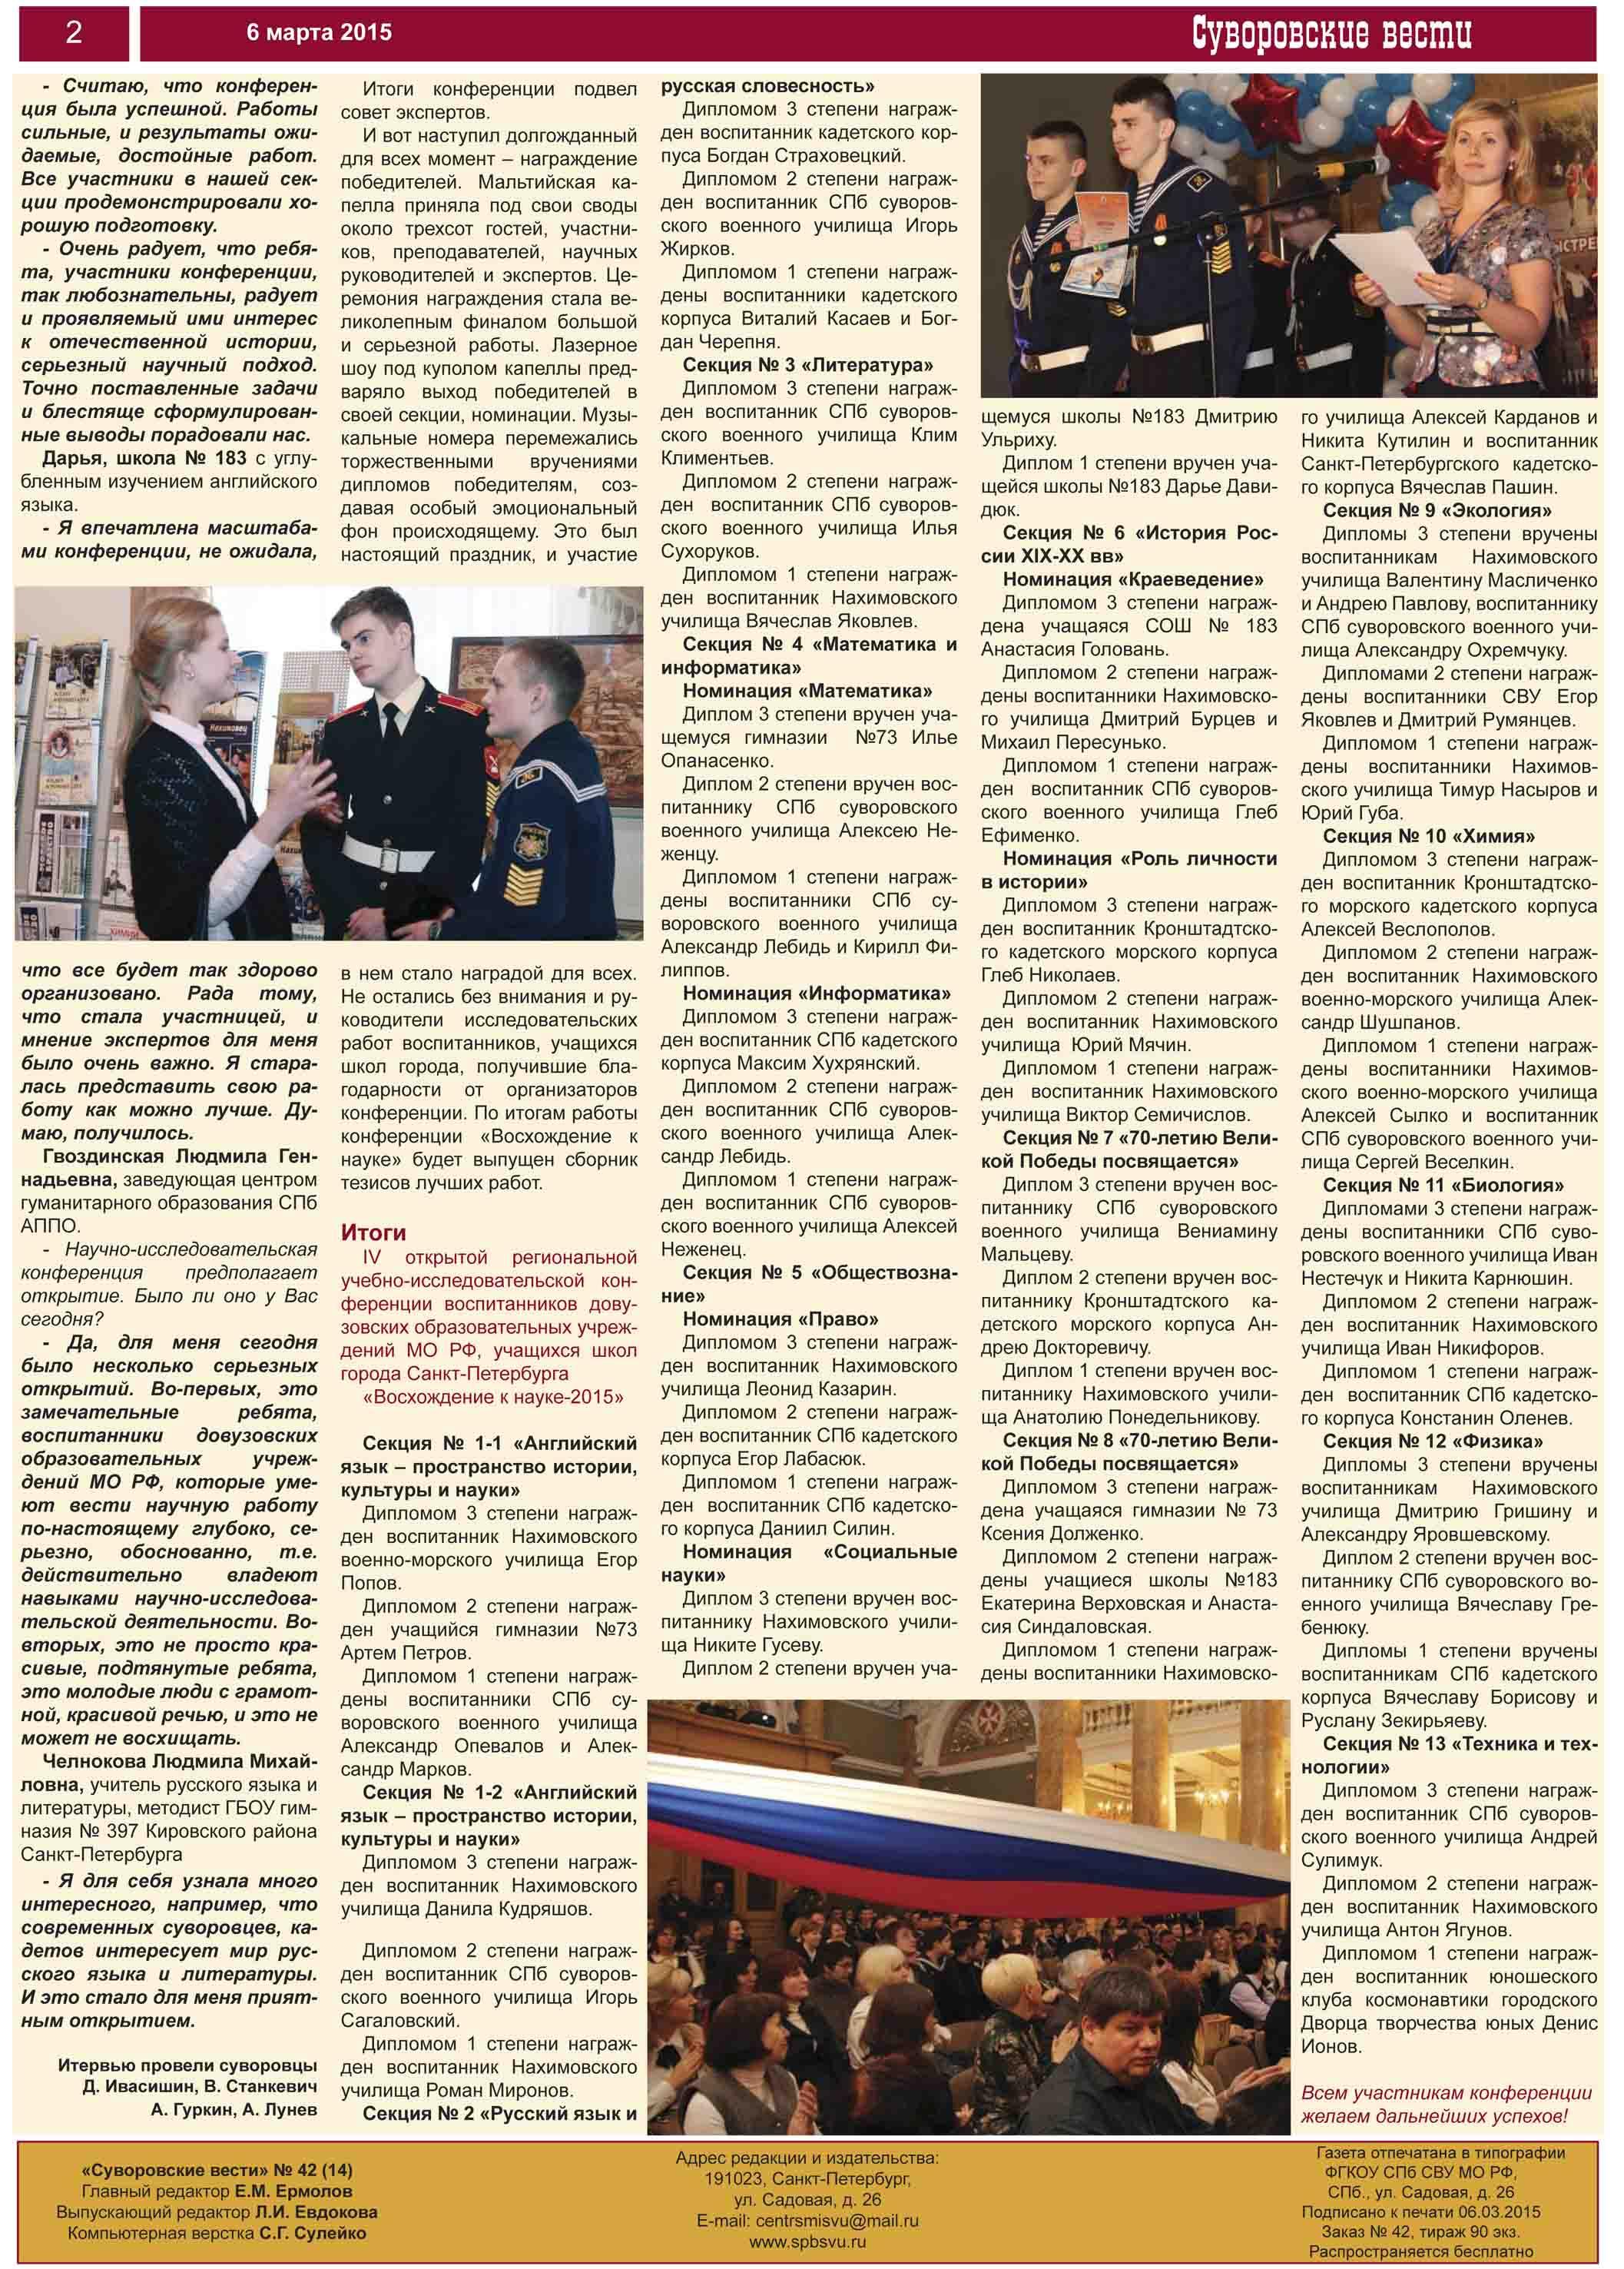 newsPaper_42.indd